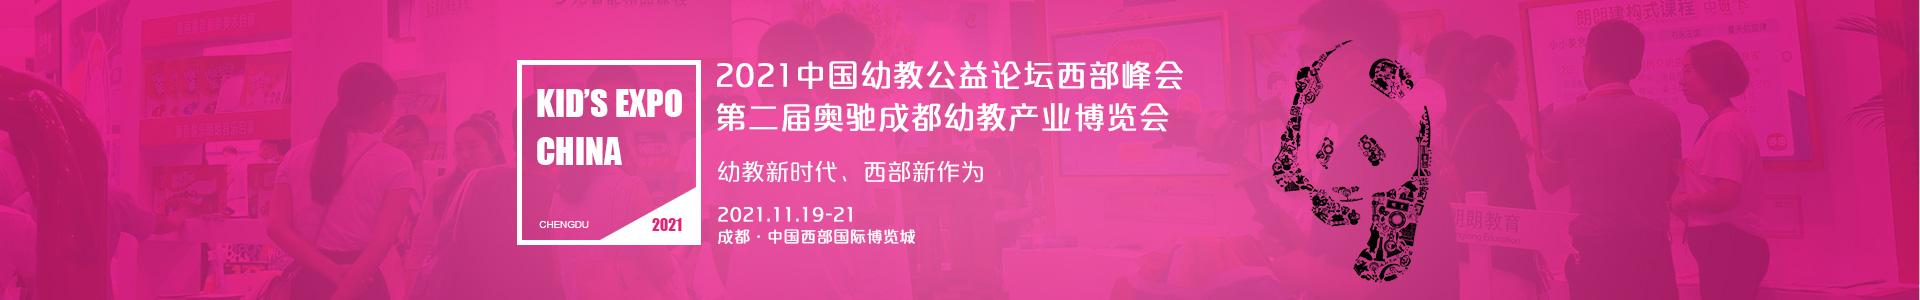 广州幼教展、华南国际幼教展、中国幼教展、中国幼教公益论坛、成都幼教展、南昌幼教展、中国幼教西部论坛